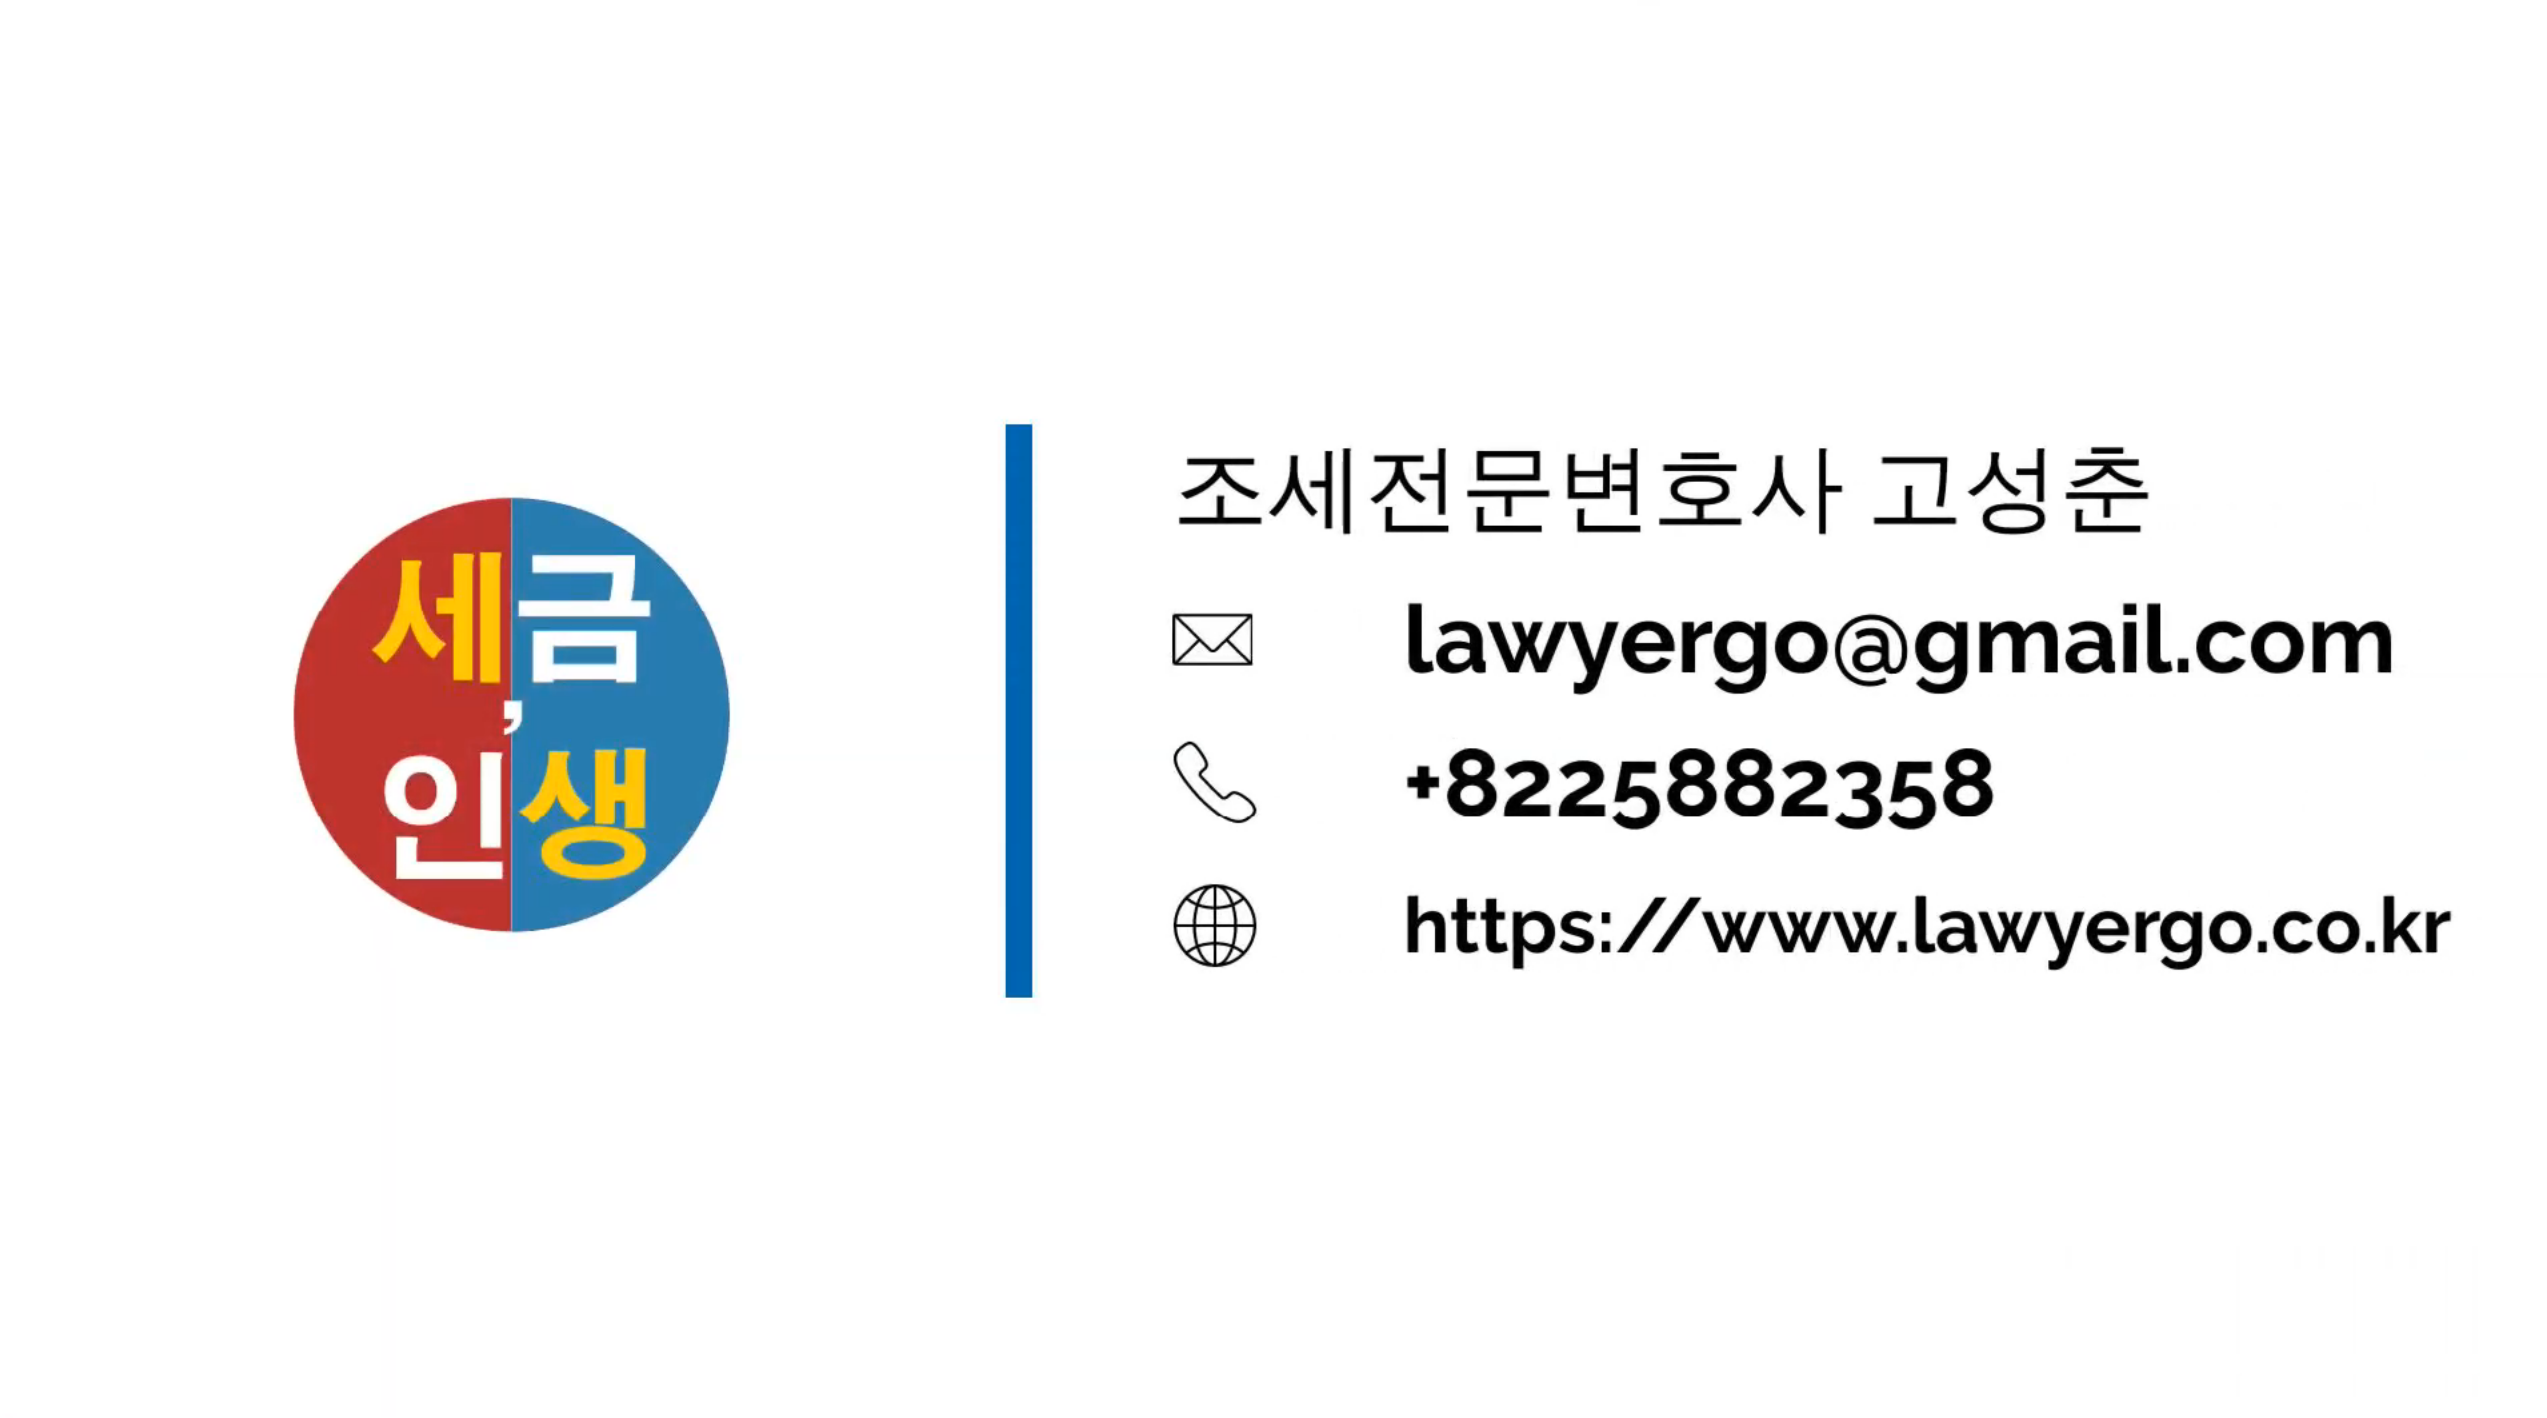 조세전문변호사 고성춘 명함